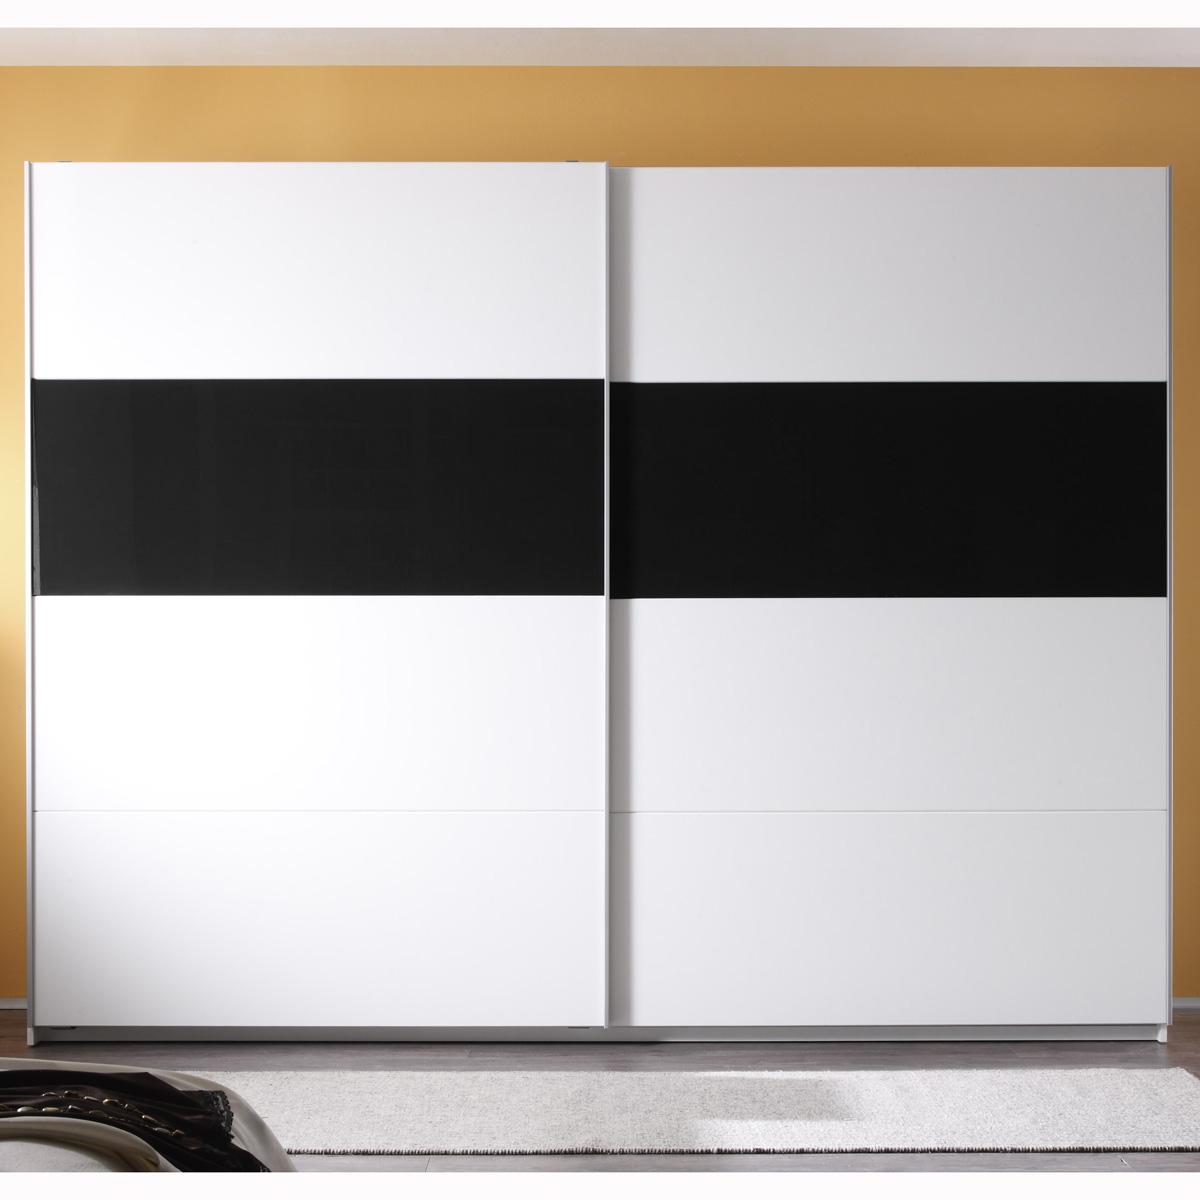 schwebet renschrank dream kleiderschrank 270 cm breit in. Black Bedroom Furniture Sets. Home Design Ideas